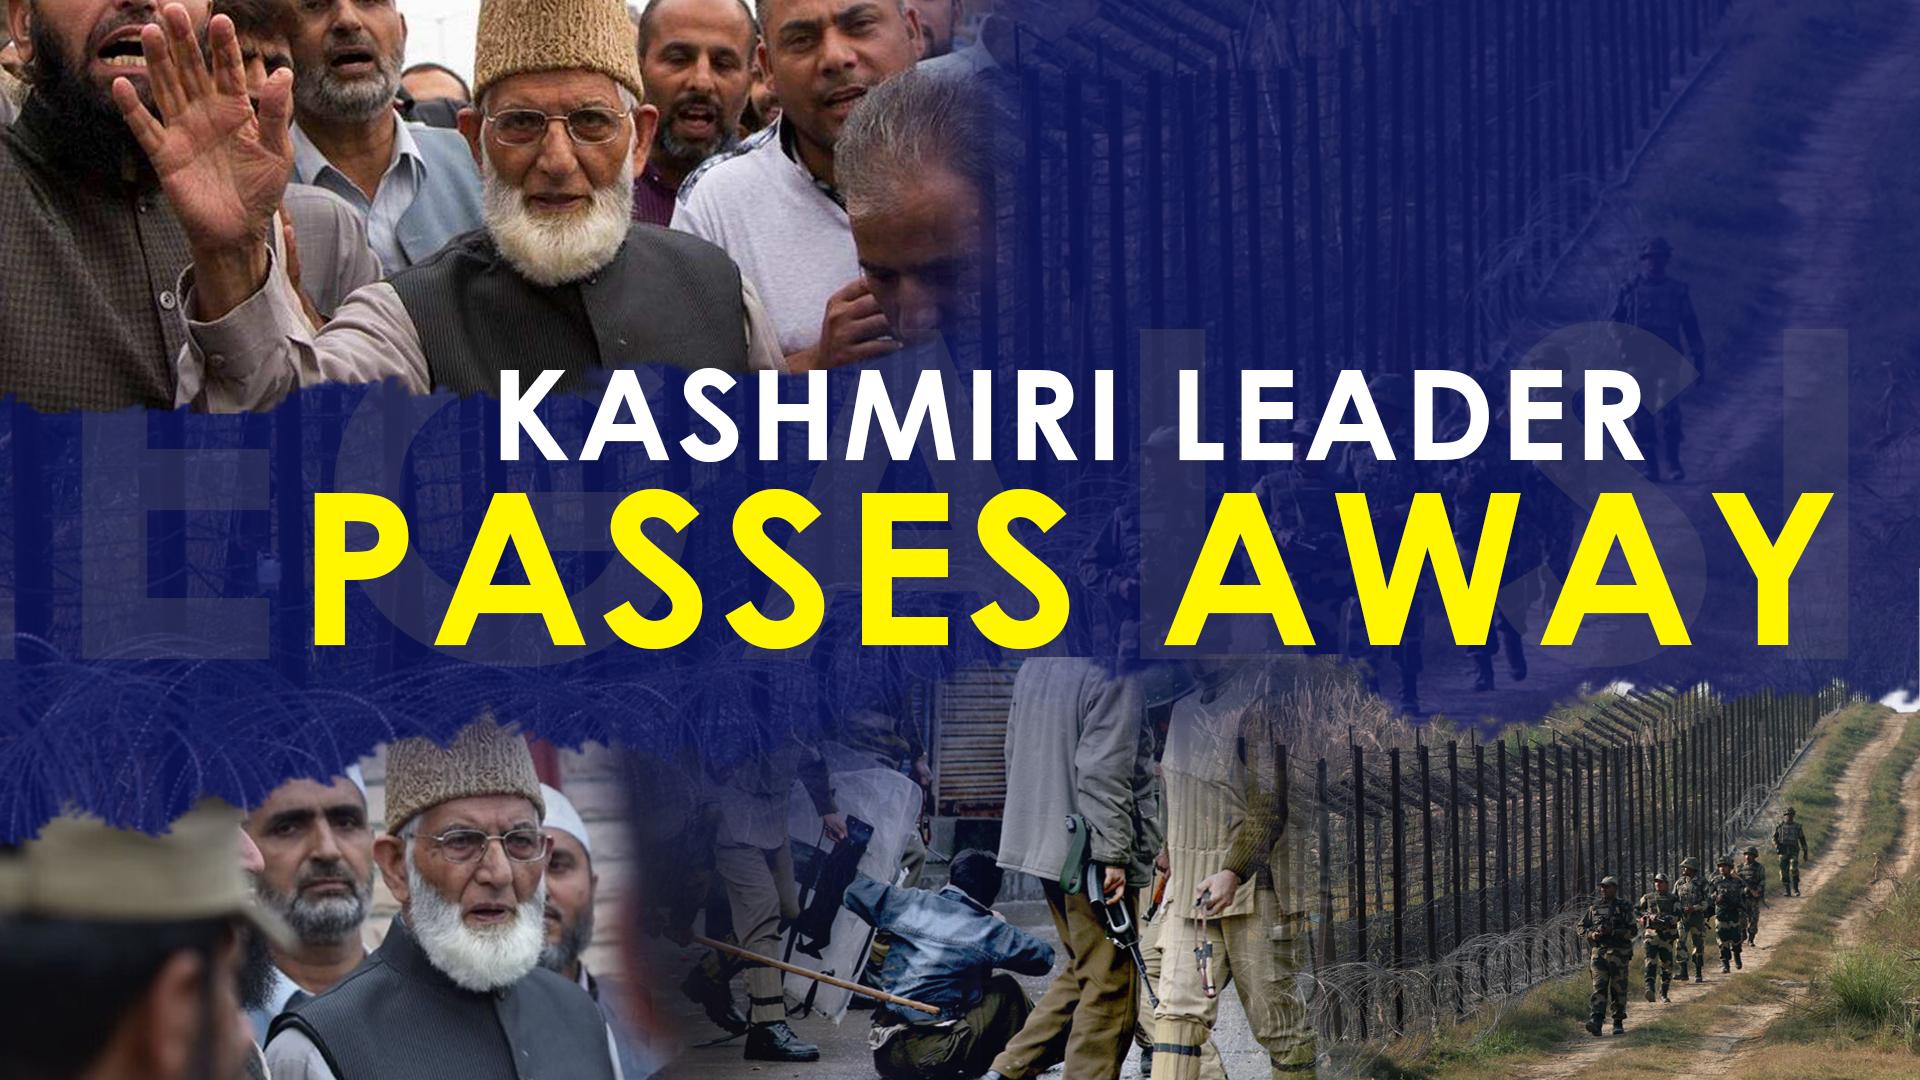 Kashmir's leader passes away